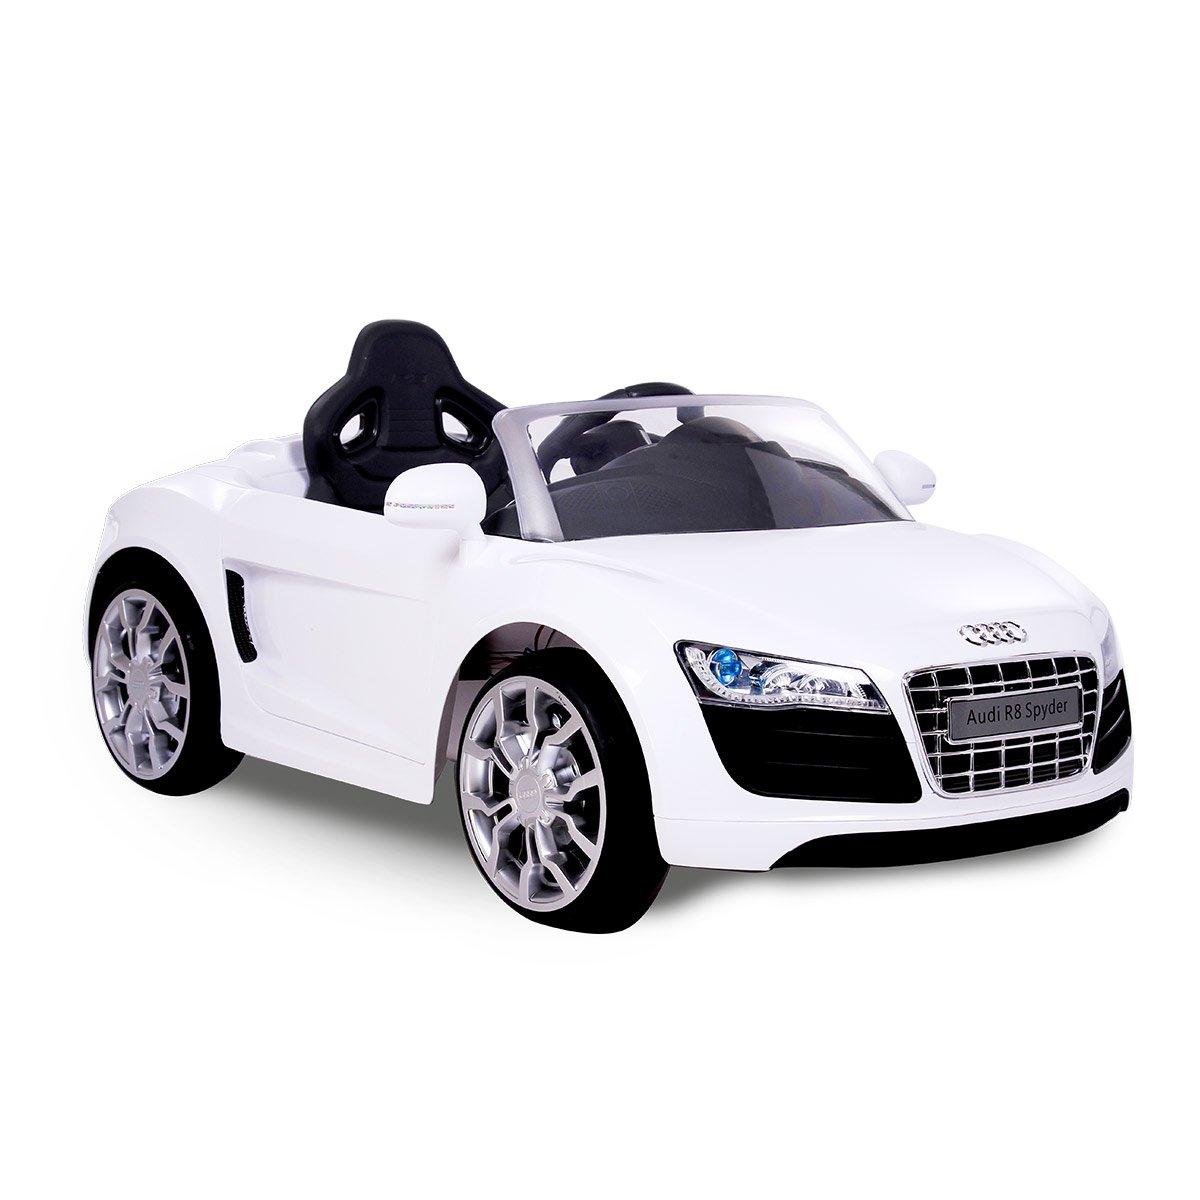 Voiture Électrique 6v R8 Véhicules Cabriolet Blanc Audi D cRqAL3S54j